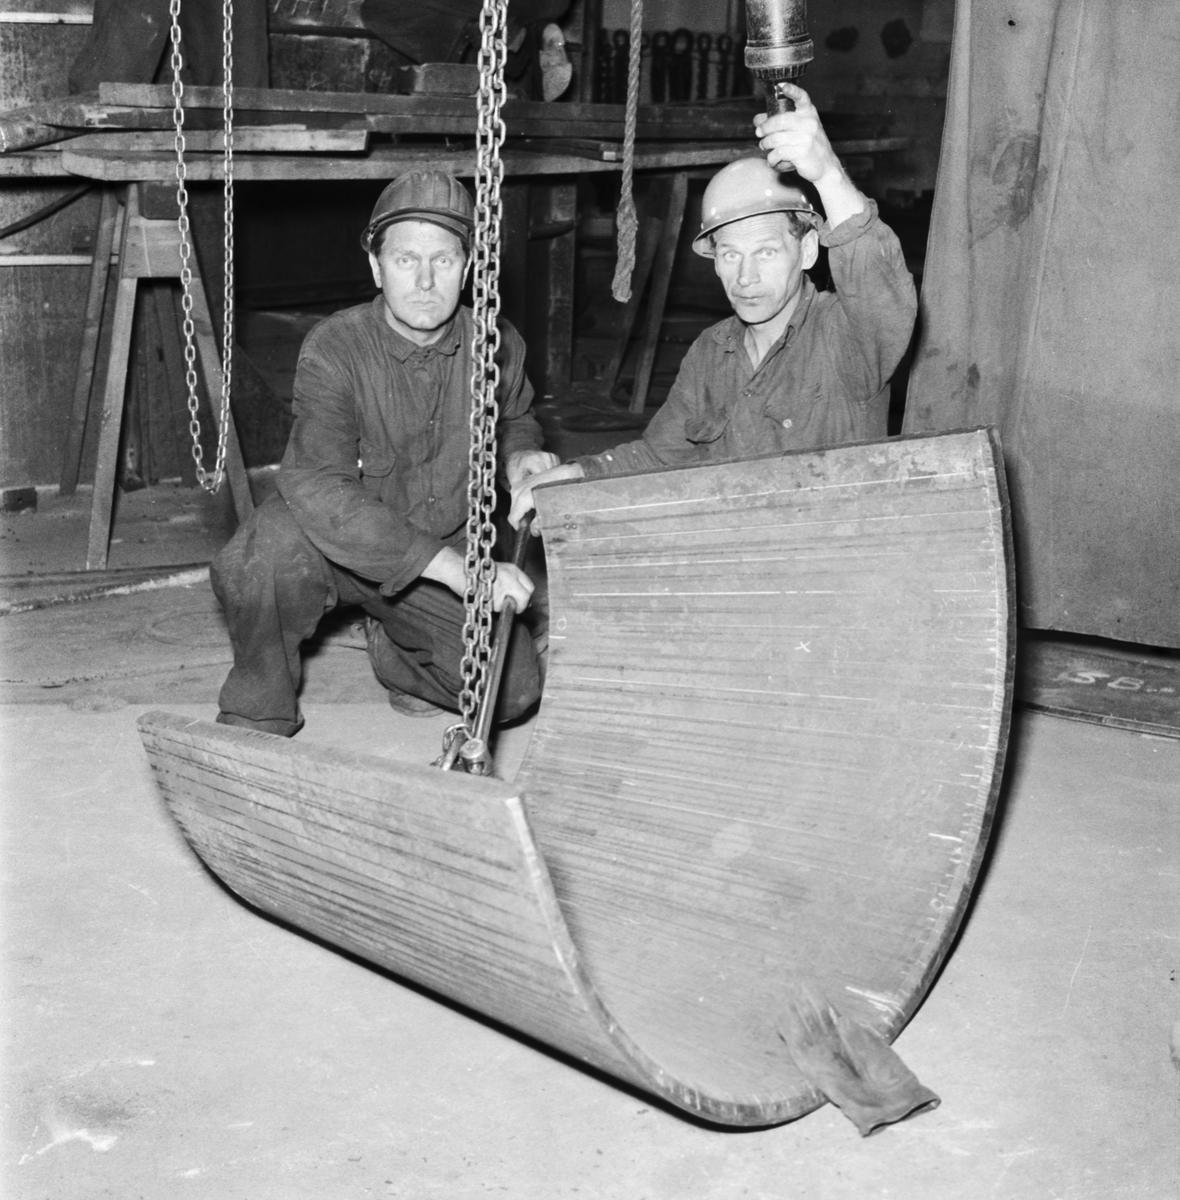 """Övrigt: Foto datum: 12/6 1961 Byggnader och kranar """"Varvet runt"""" plåtböjning pressen hyvel i maskinverkstan. Närmast identisk bild: V23343, ej skannad"""